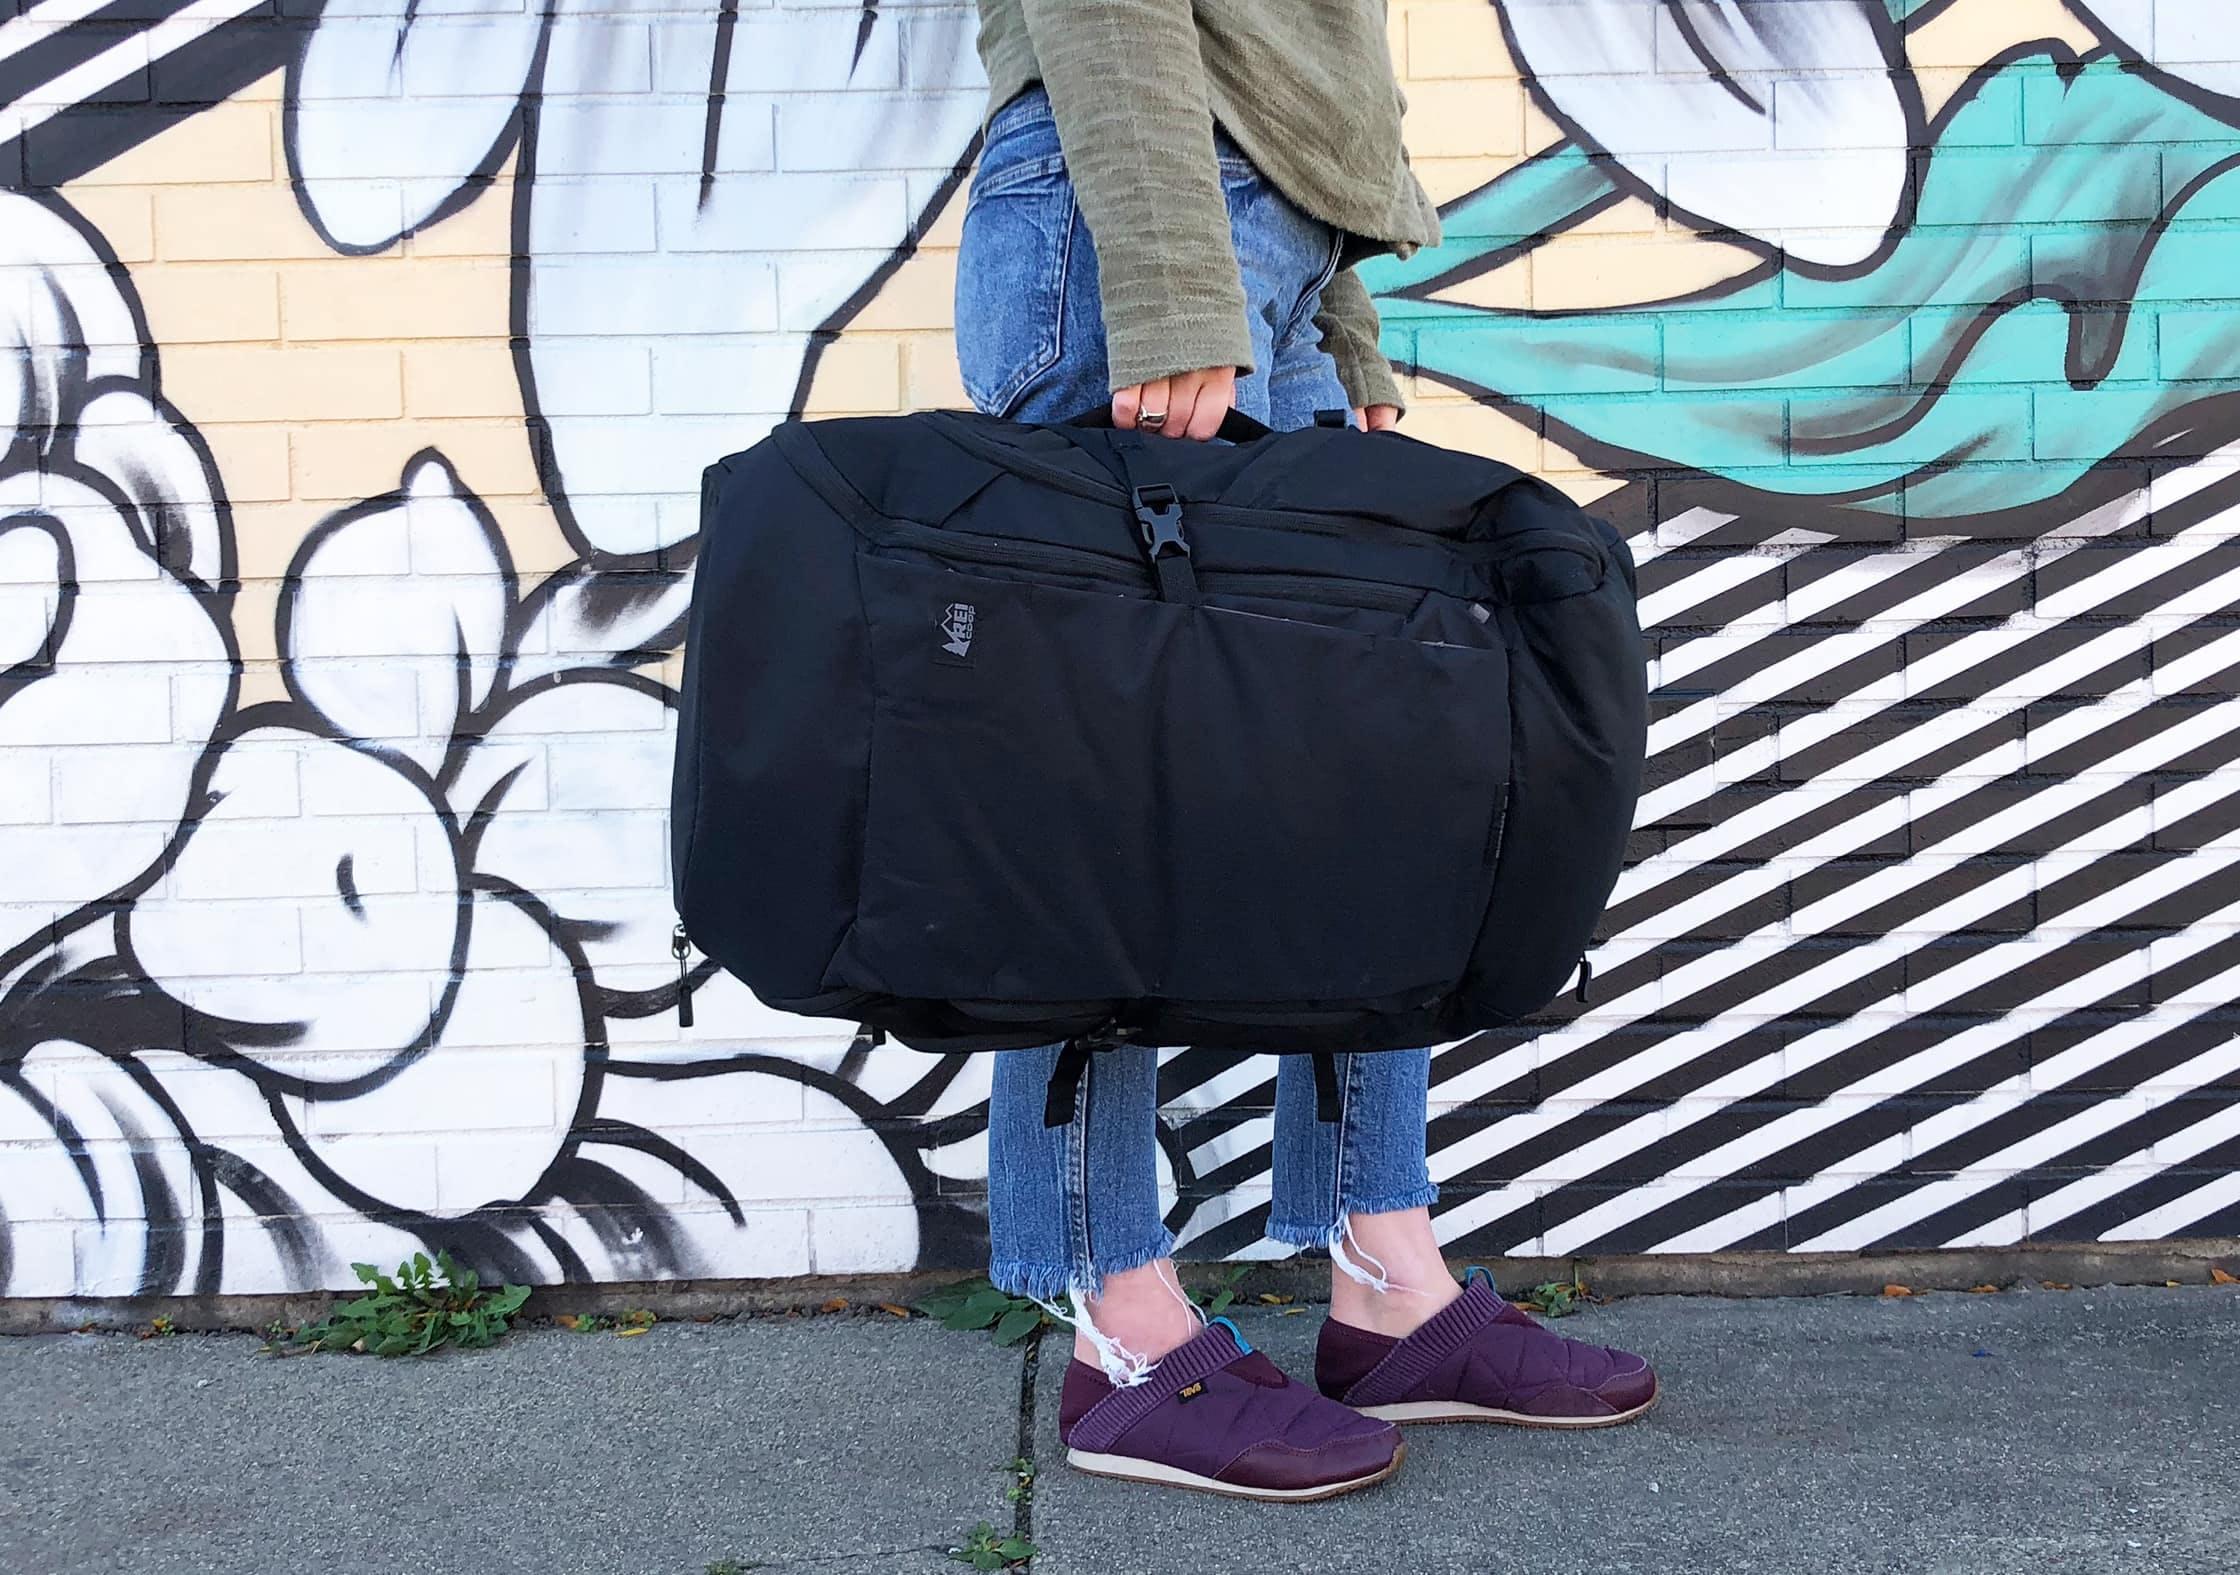 REI Ruckpack 40 Side Handle